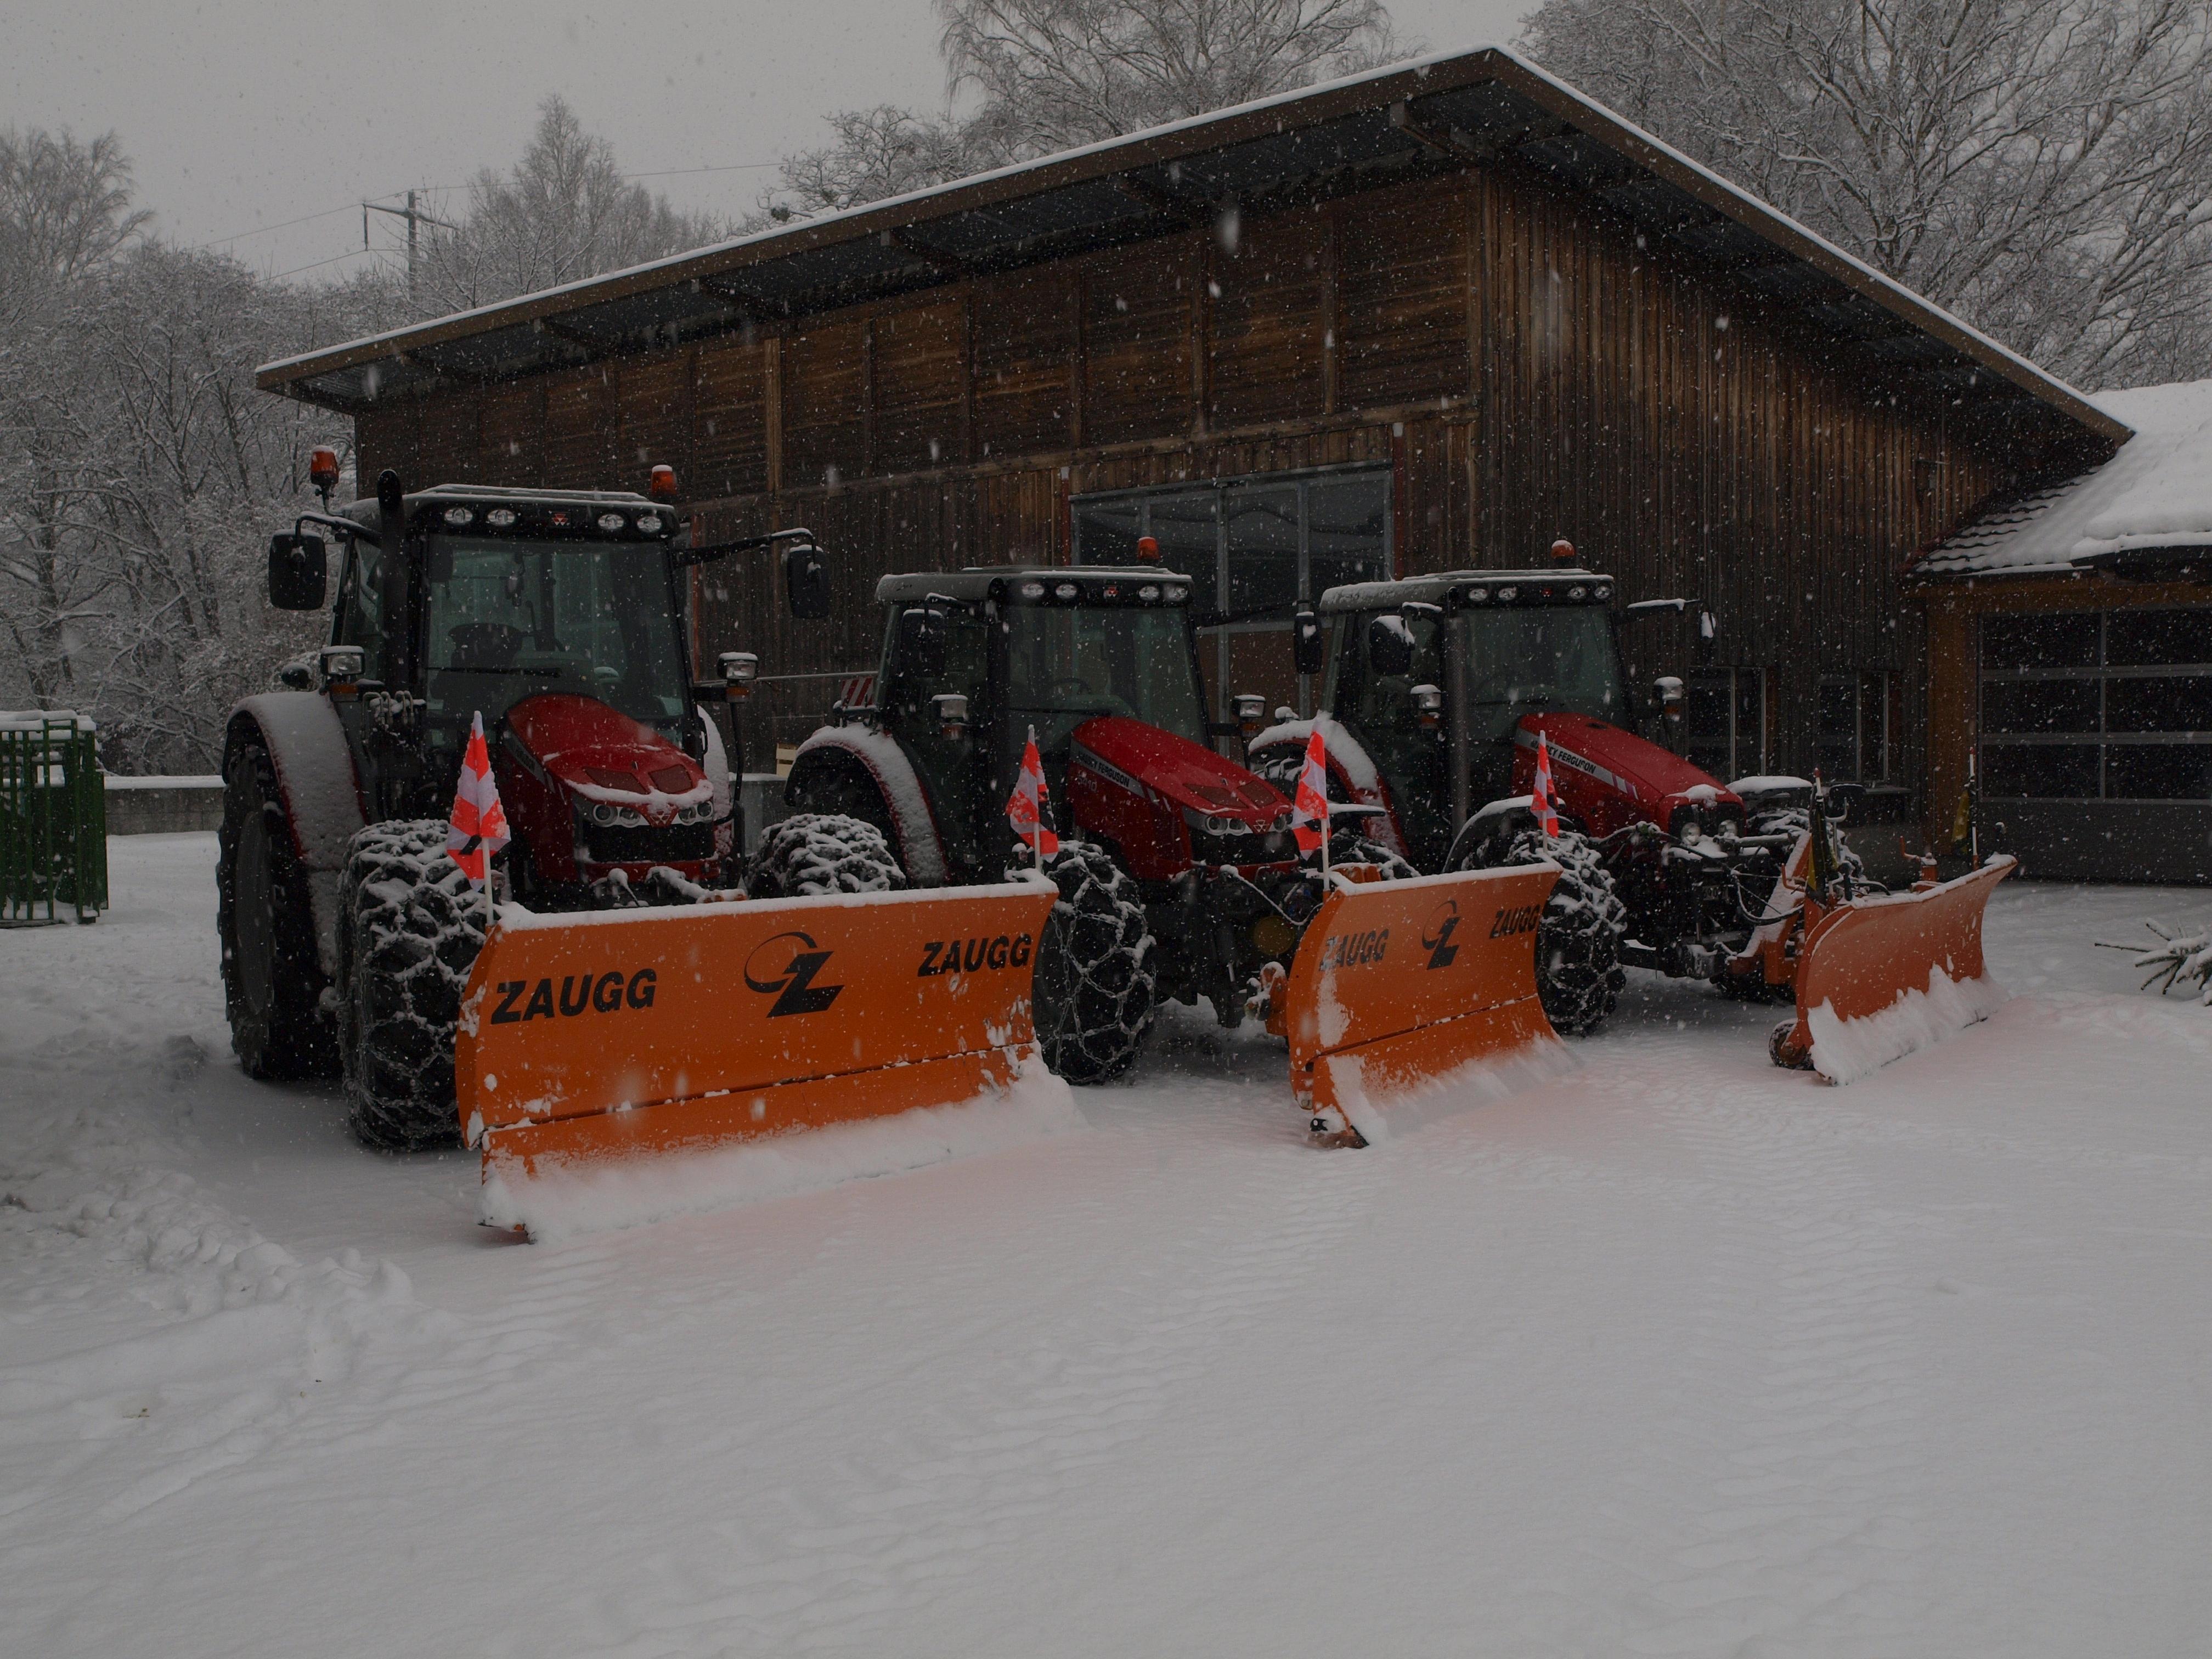 winterdienst-schneeraeumung-schneepflug.jpg